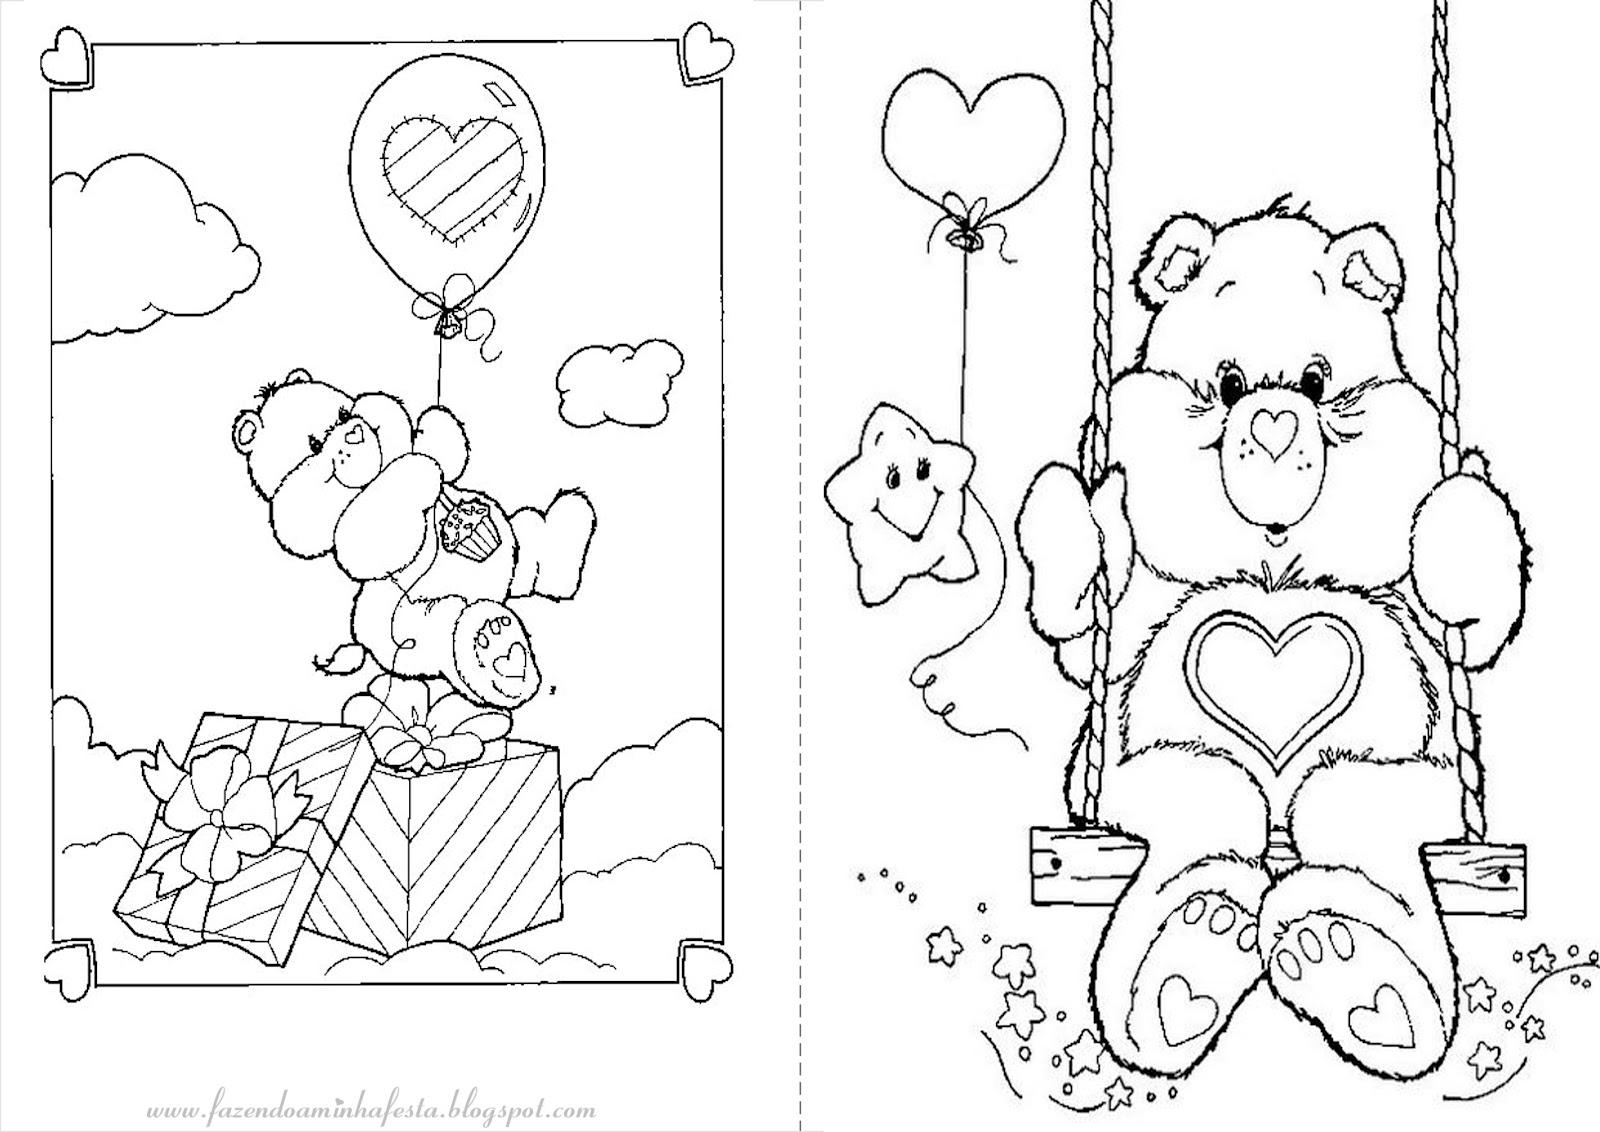 portal a&e espaco kids a&e colorir ursinhos carinhosos